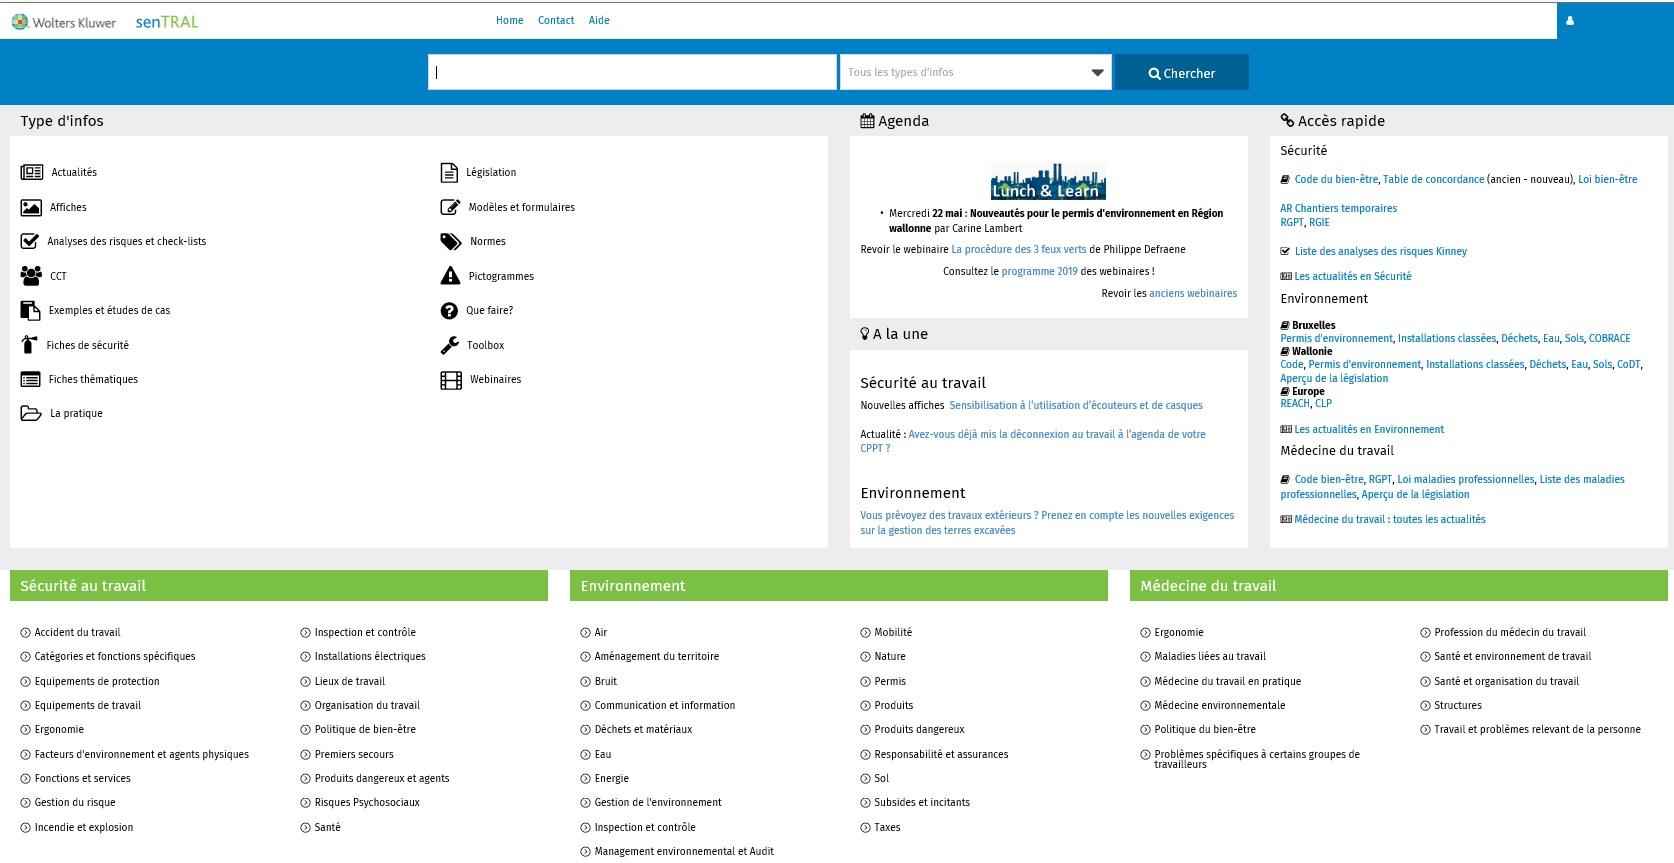 SenTRAL : capture d'écran de la page d'accueil